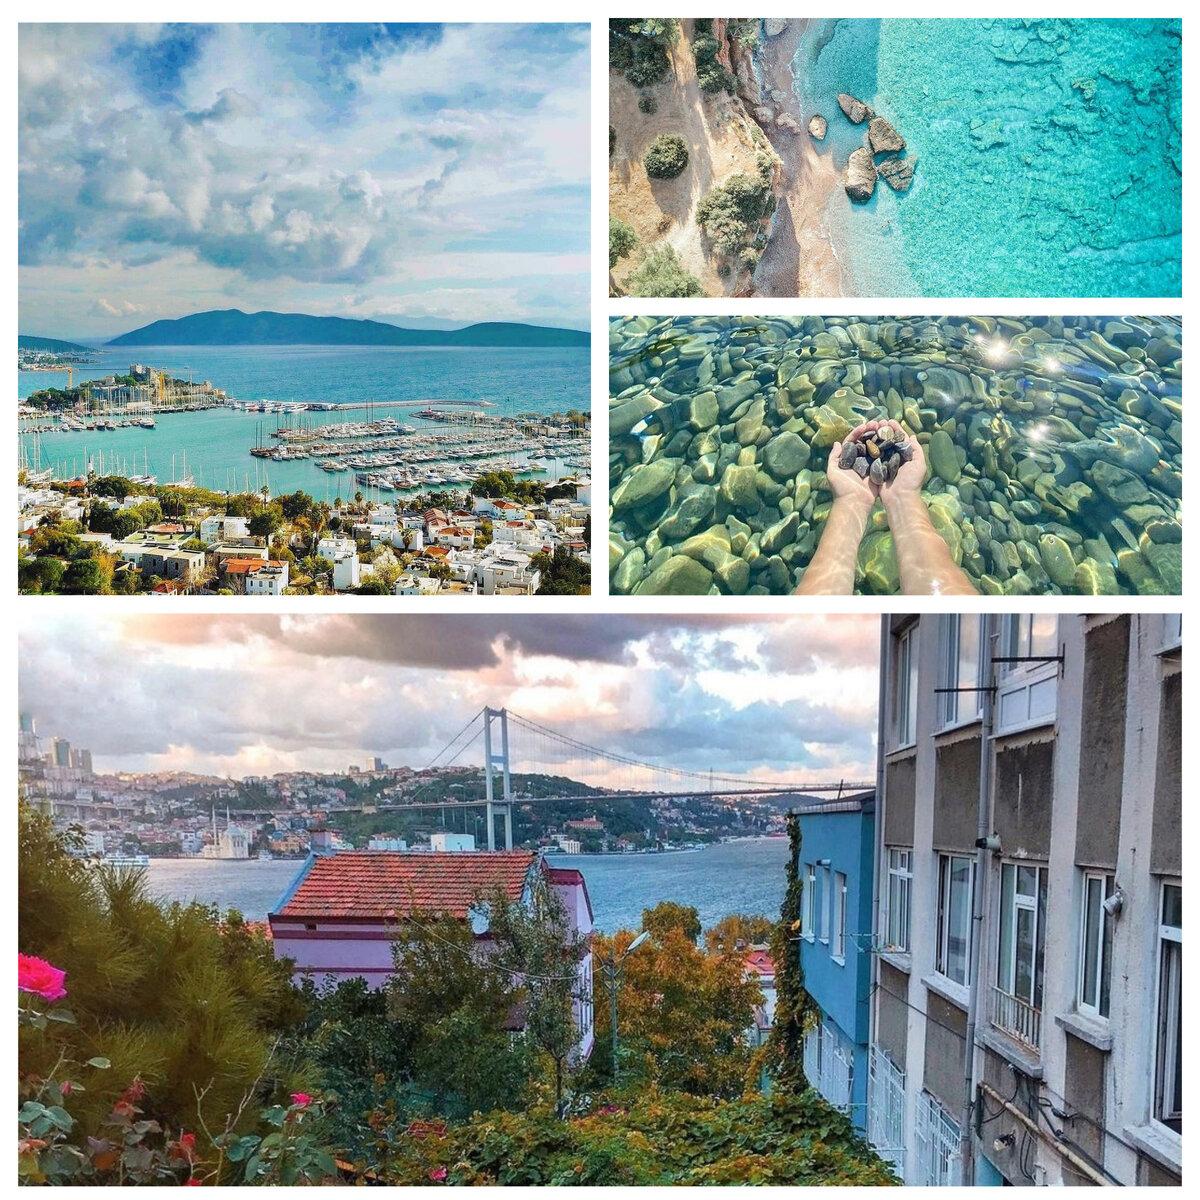 Позвонили знакомой в Стамбул и спросили: «Как там у вас дела?». Вот что она нам ответила поэтому, ограничения, режиме, магазин, Лариса, можно, Турцию, успеть, купить, продукты, заранееНу, ночных, прогулках, Позвонили, выходной, городу, забытьКстати, туристов, комендантскому, действуют